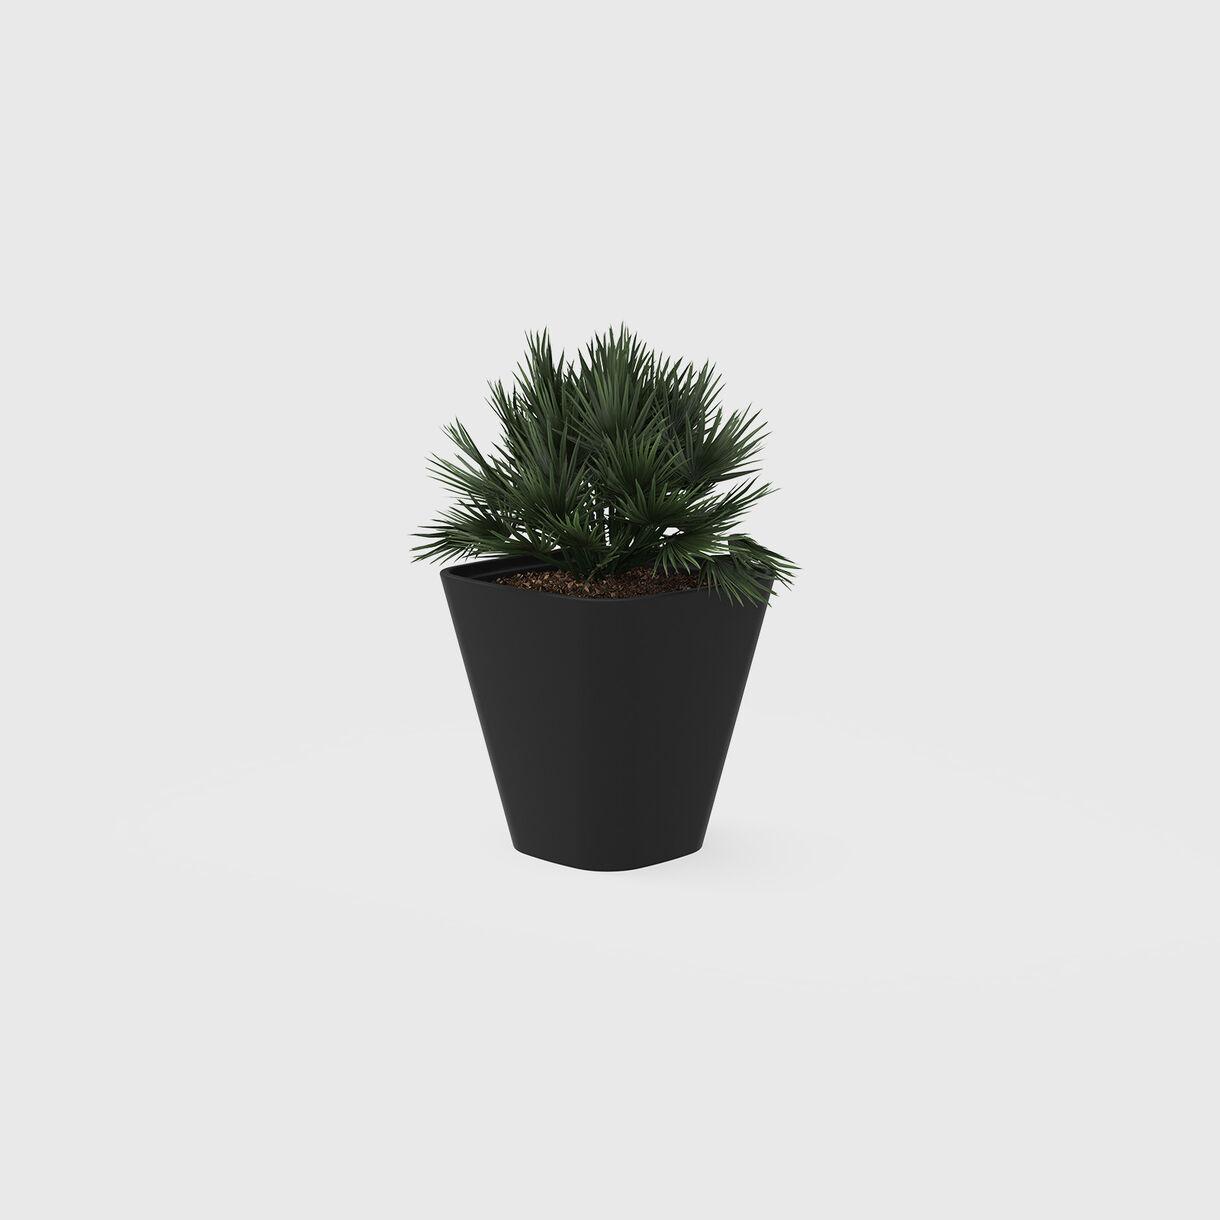 Kono Planter, 560